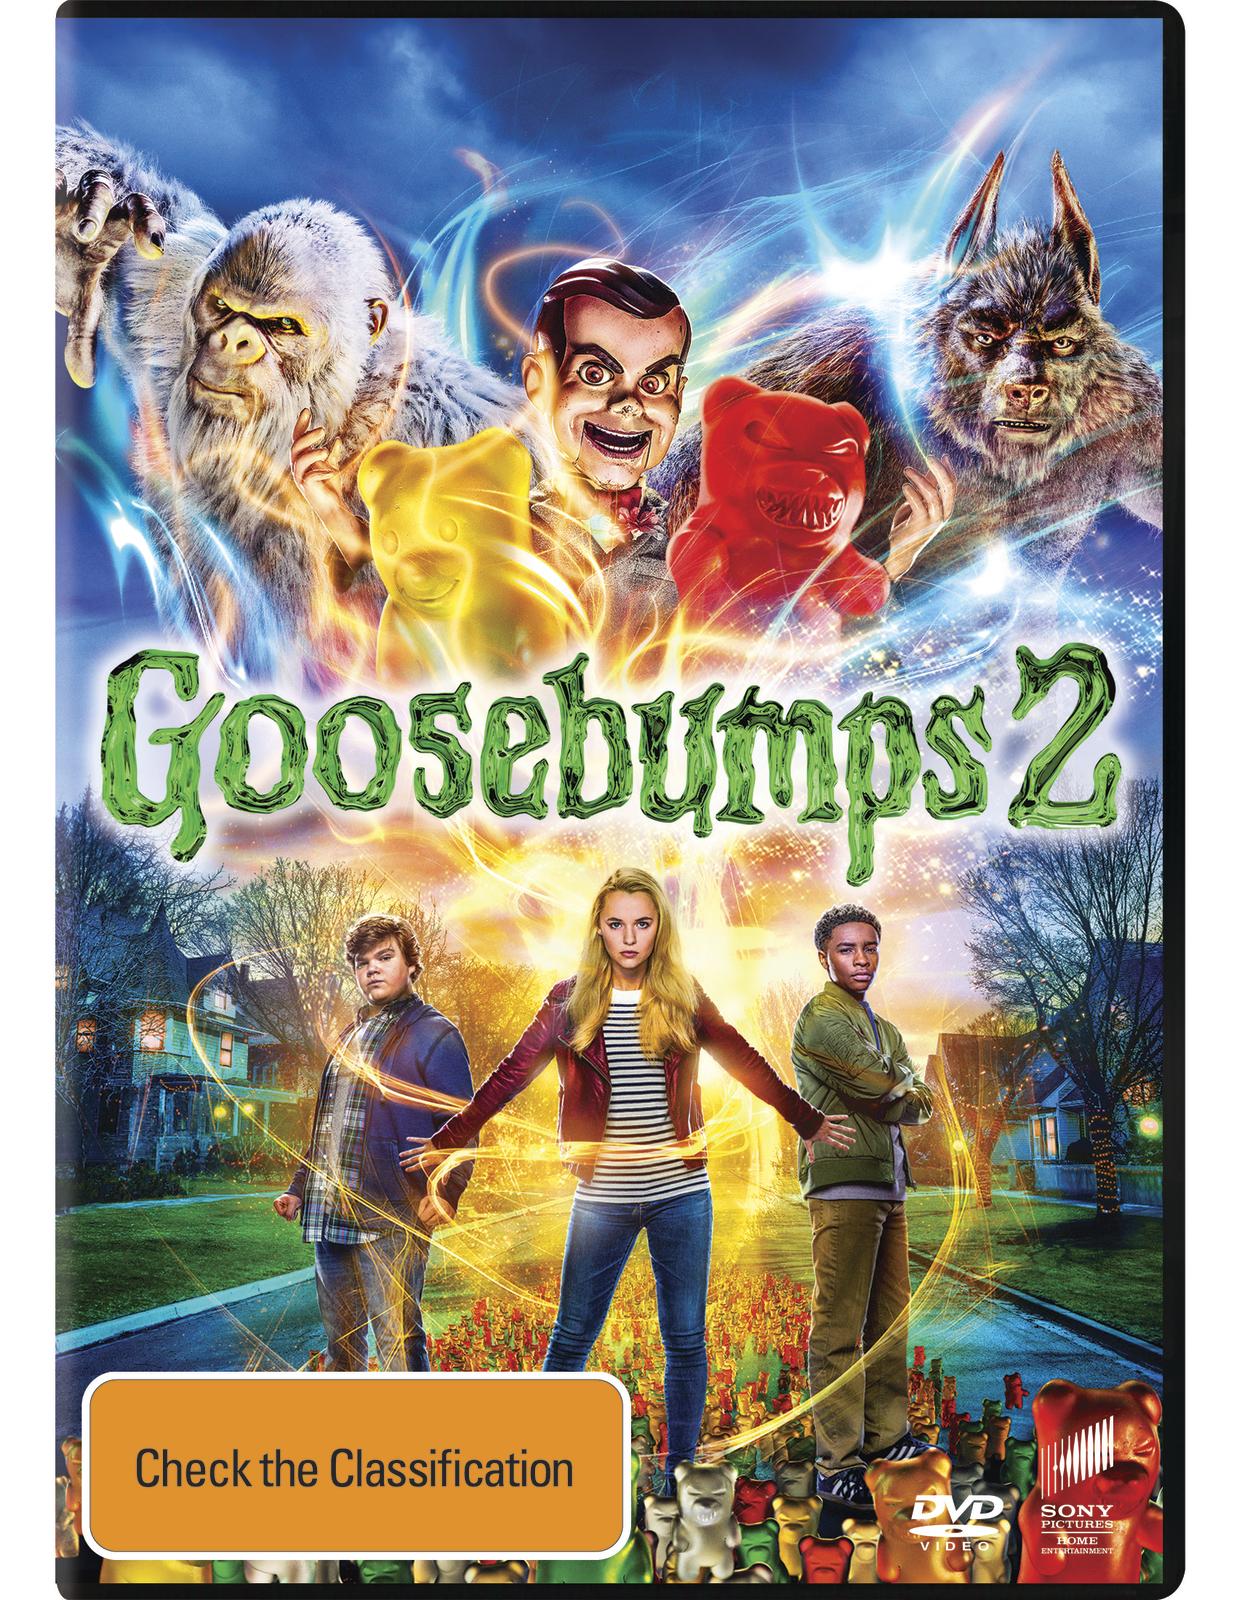 Goosebumps 2: Haunted Halloween on DVD image